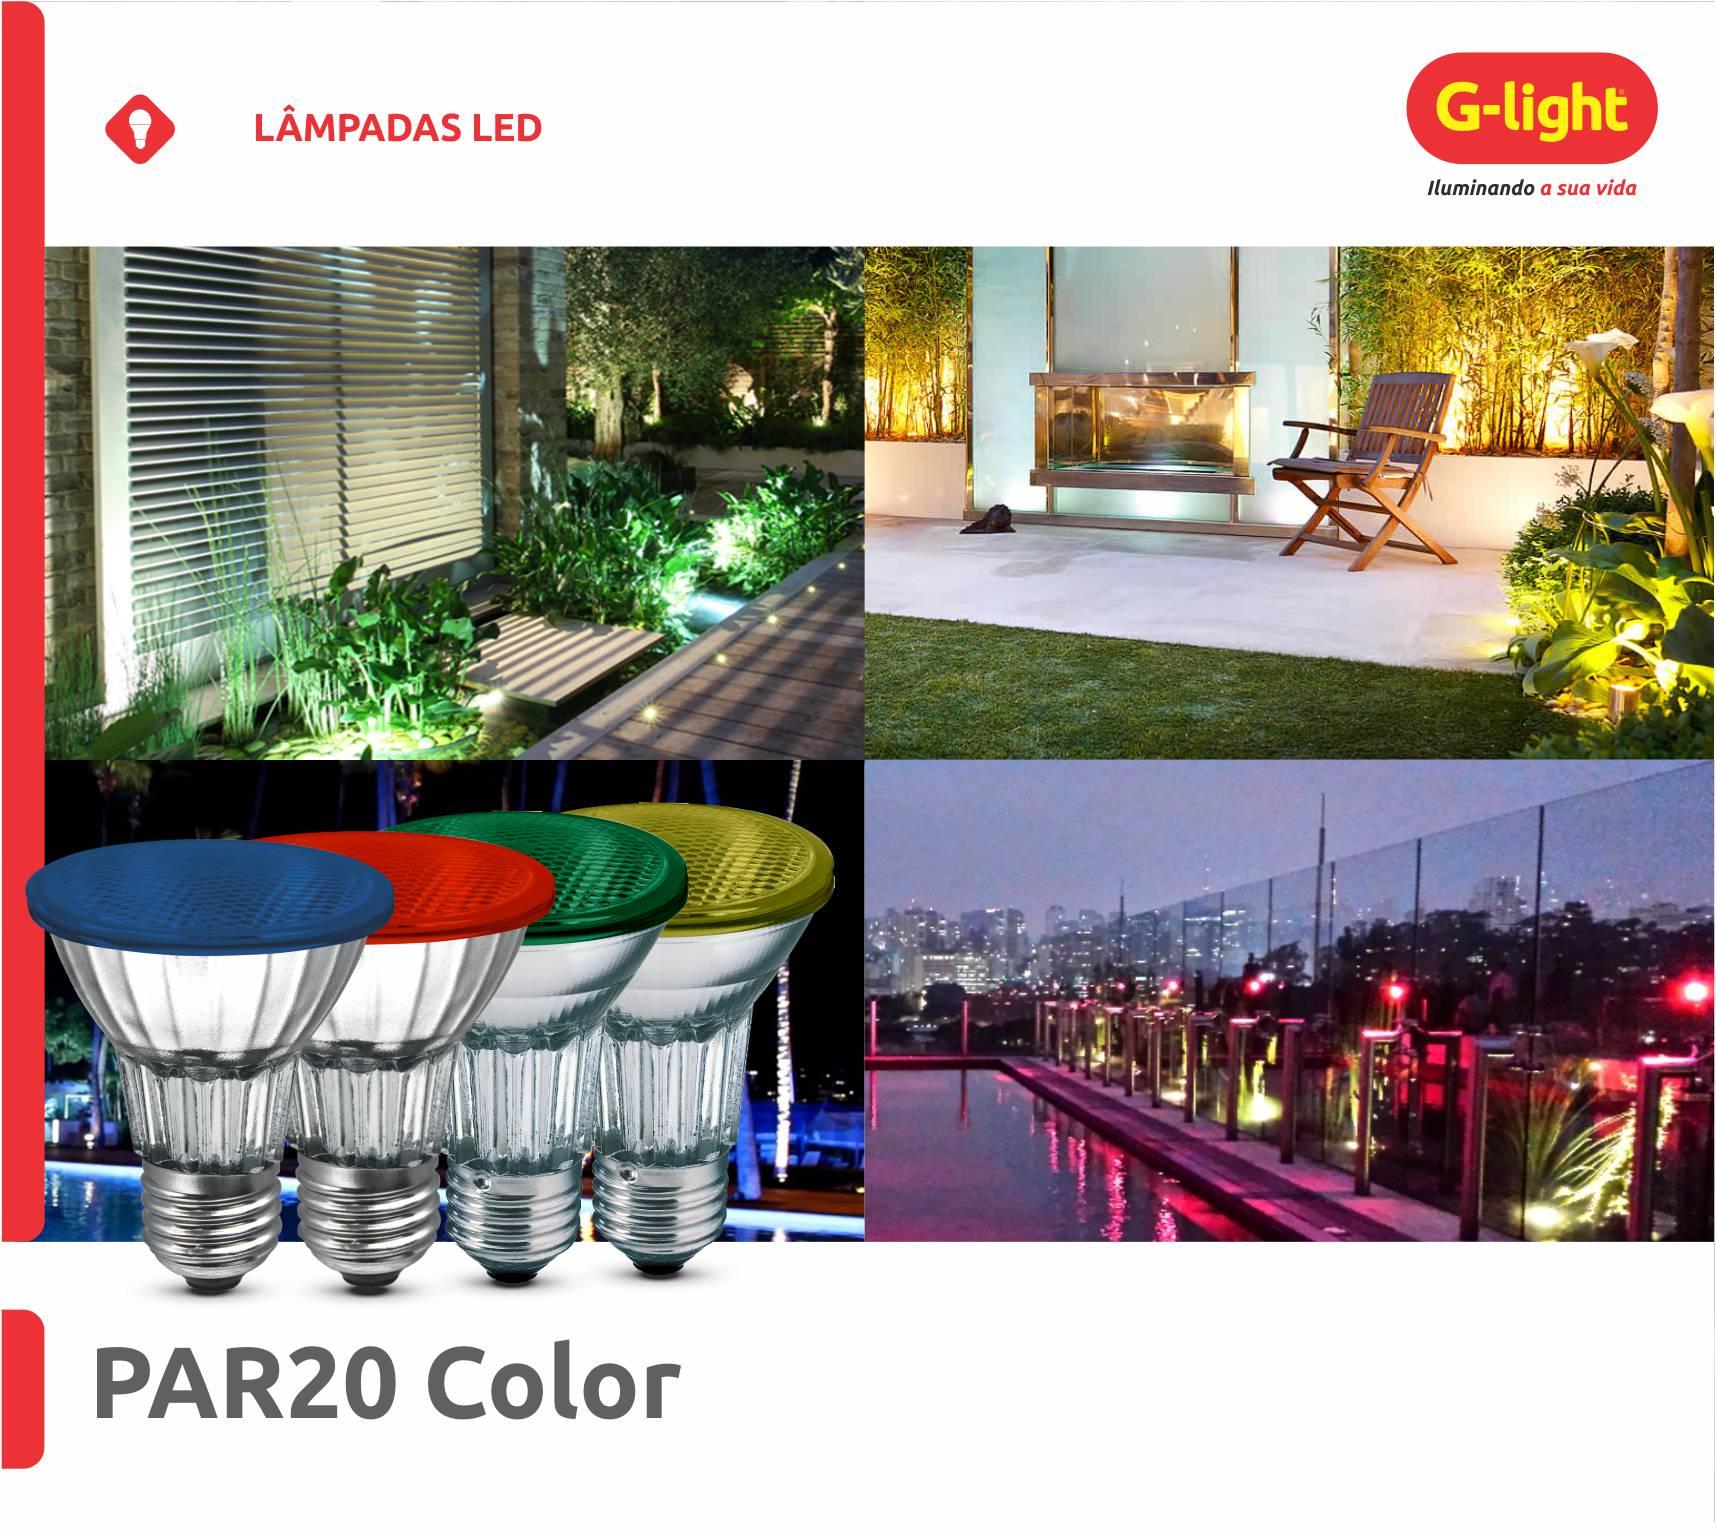 Lâmpadas PAR20 Color